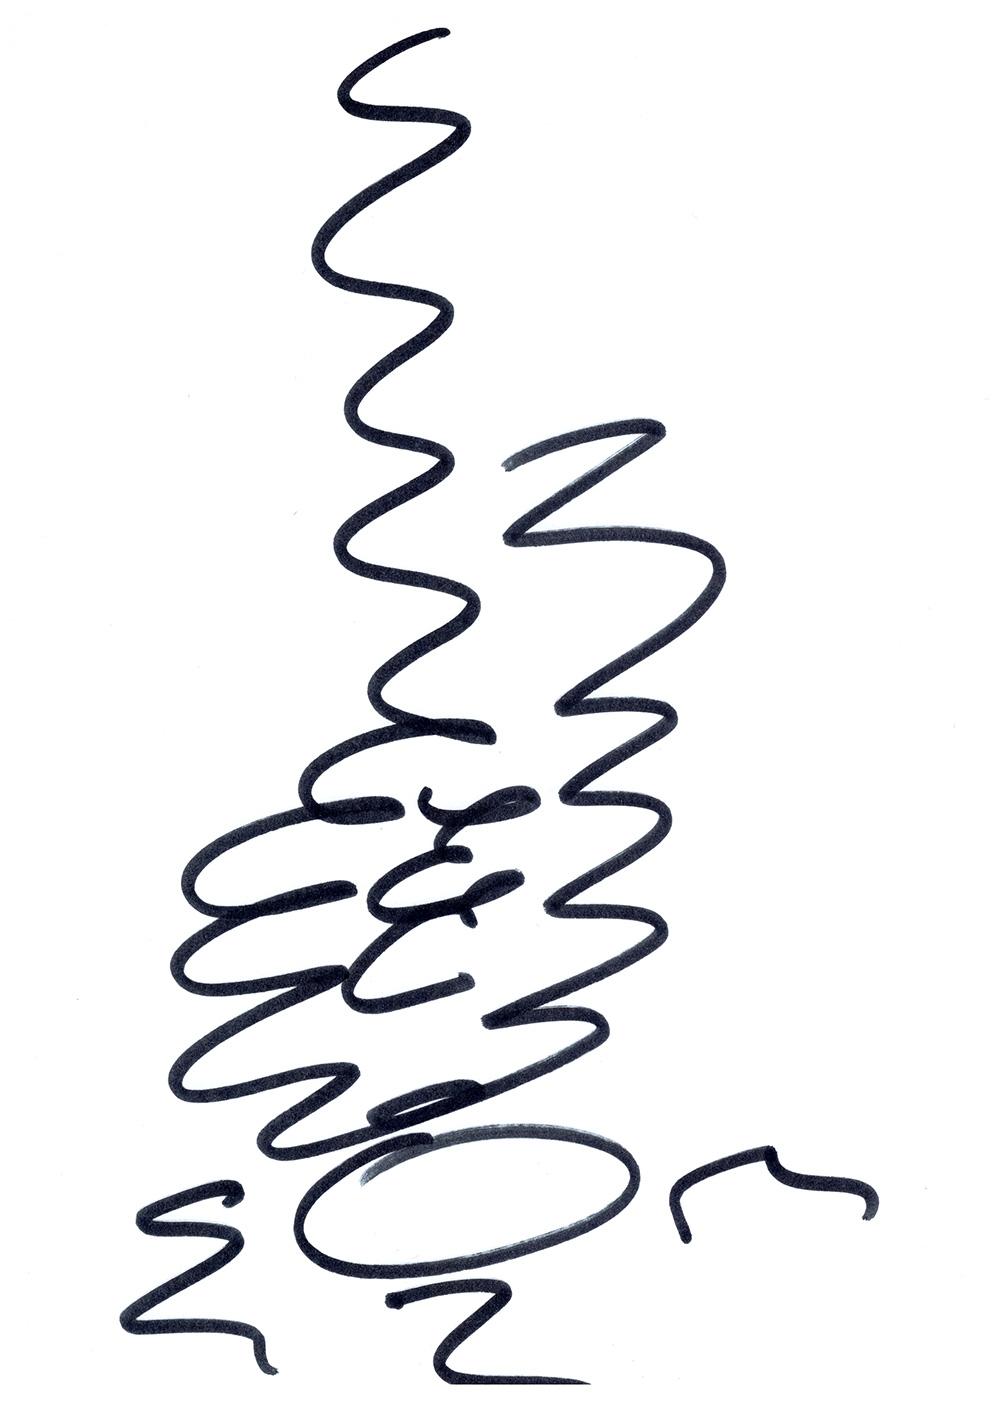 drawings_07